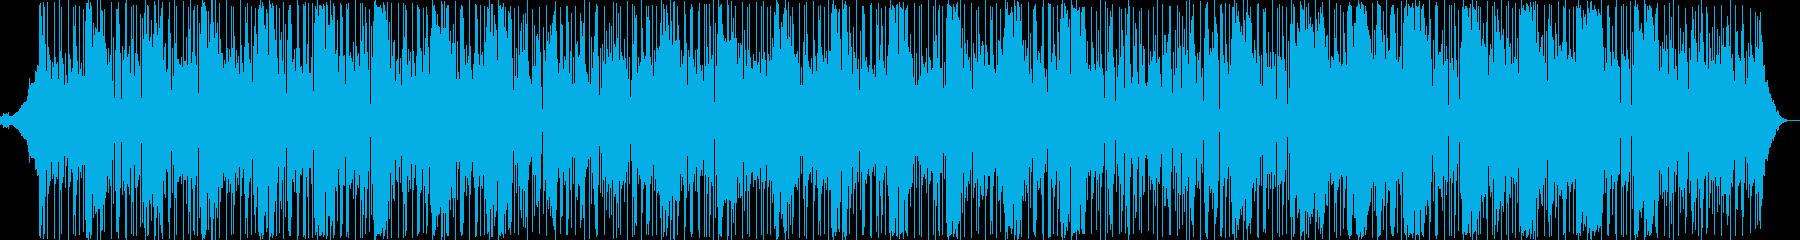 アンビエント センチメンタル アク...の再生済みの波形